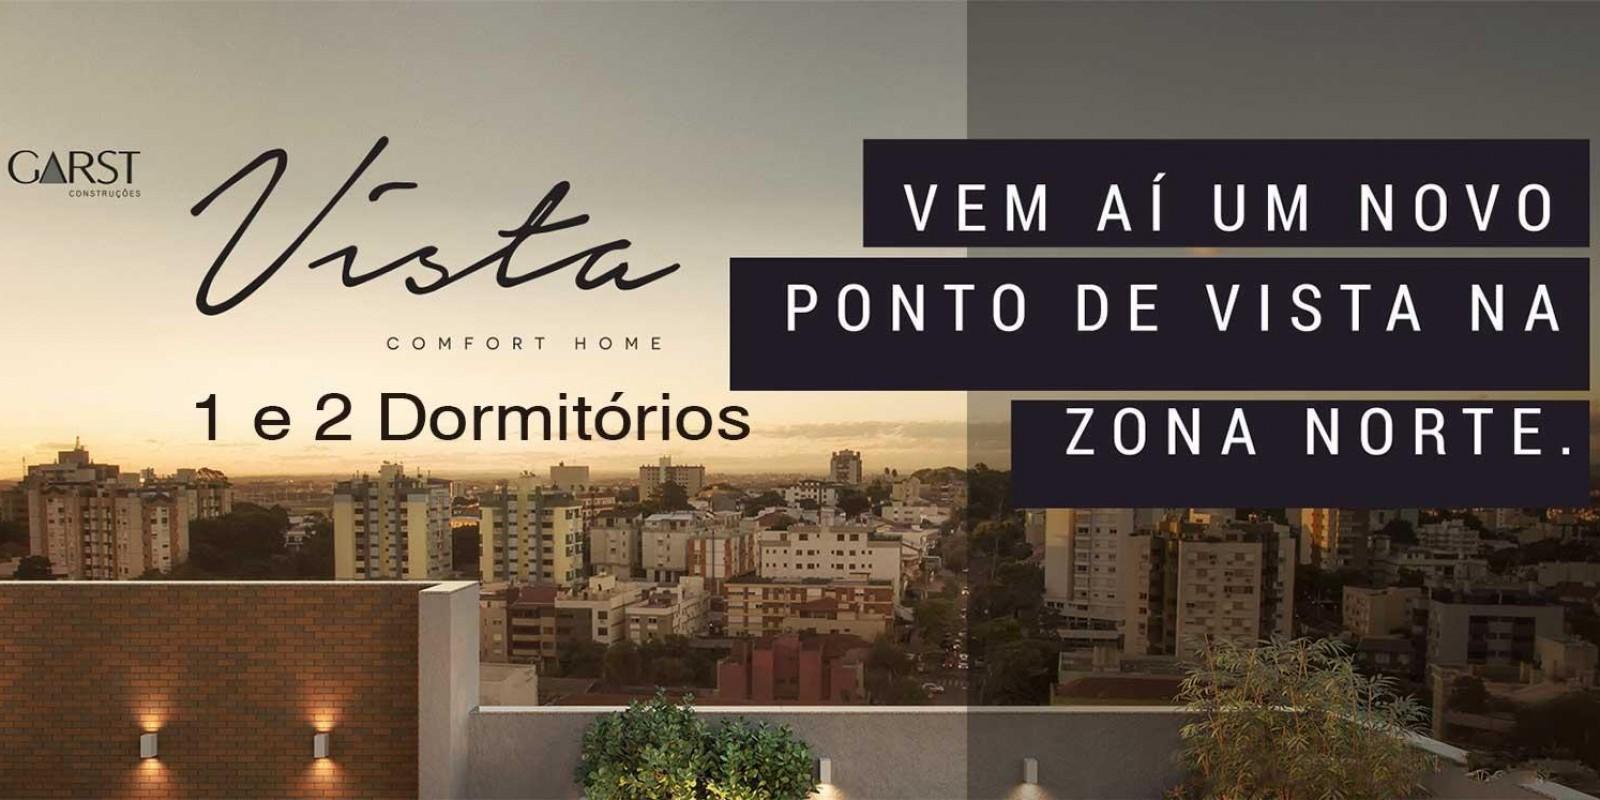 TPS Imóveis apresenta Apartamento A Venda 1 dormitório Porto Alegre! Excelente imóvel a venda em Porto Alegre